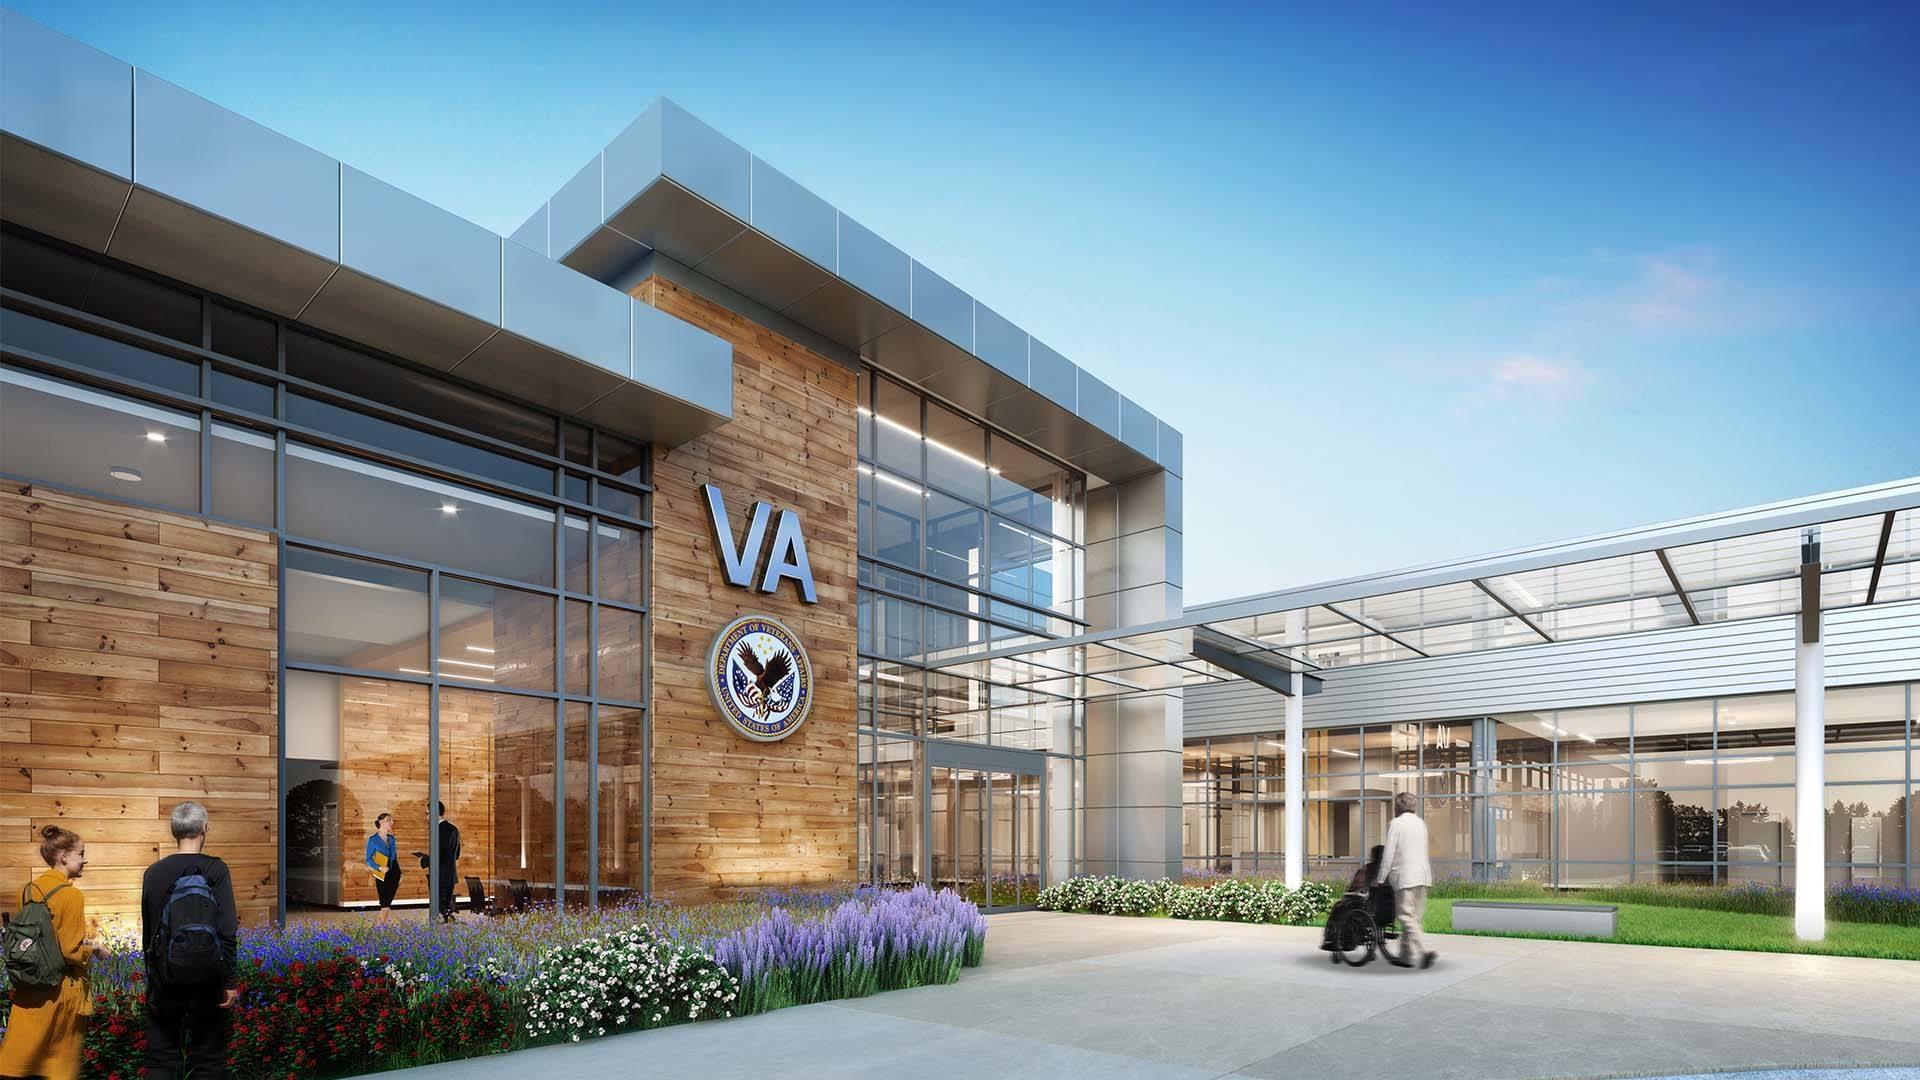 VA Chattanooga Main Entry